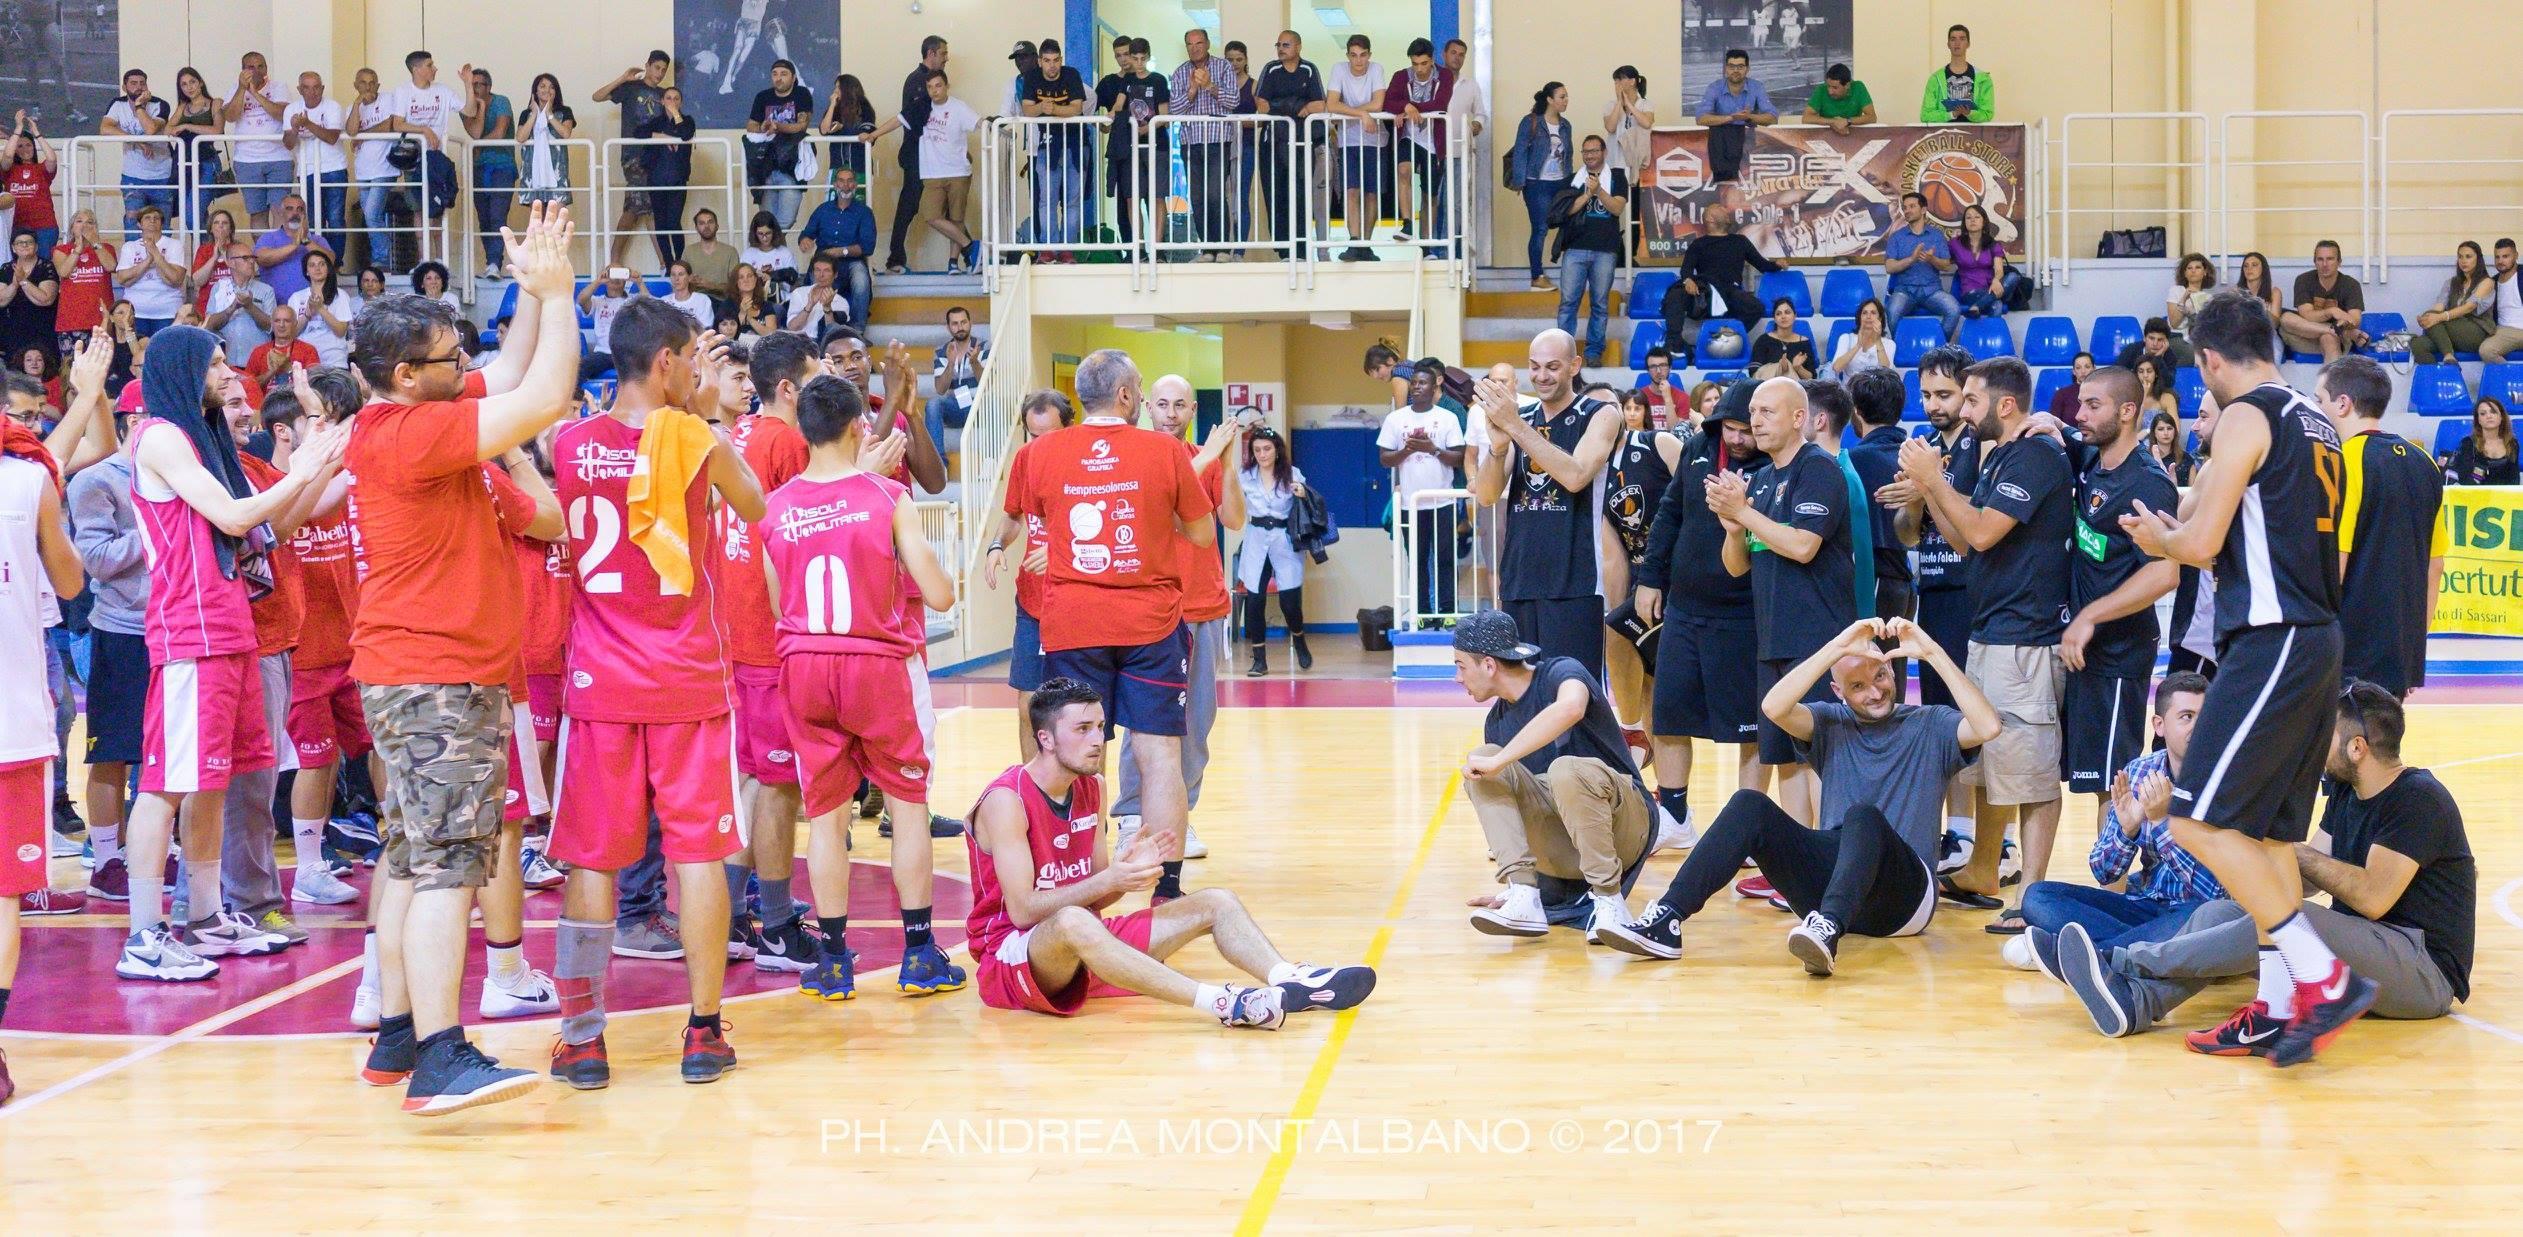 La Gabetti Pallacanestro Alghero vince il Torneo UISP di Basket 2017